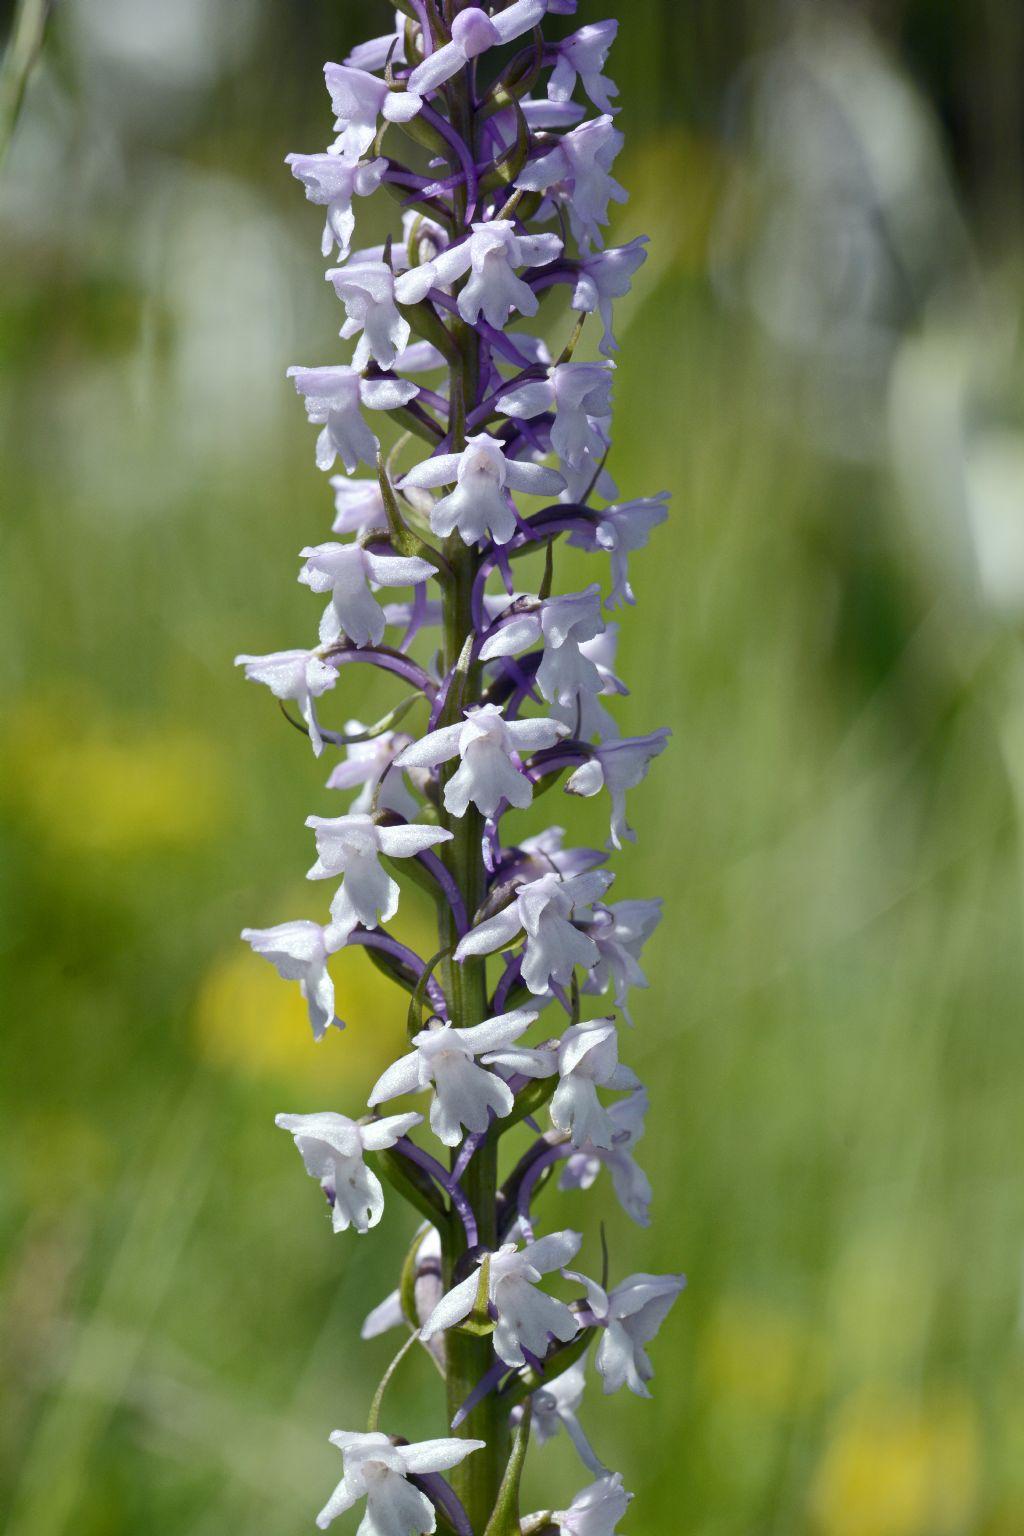 Orchidea con forte profumo di vaniglia